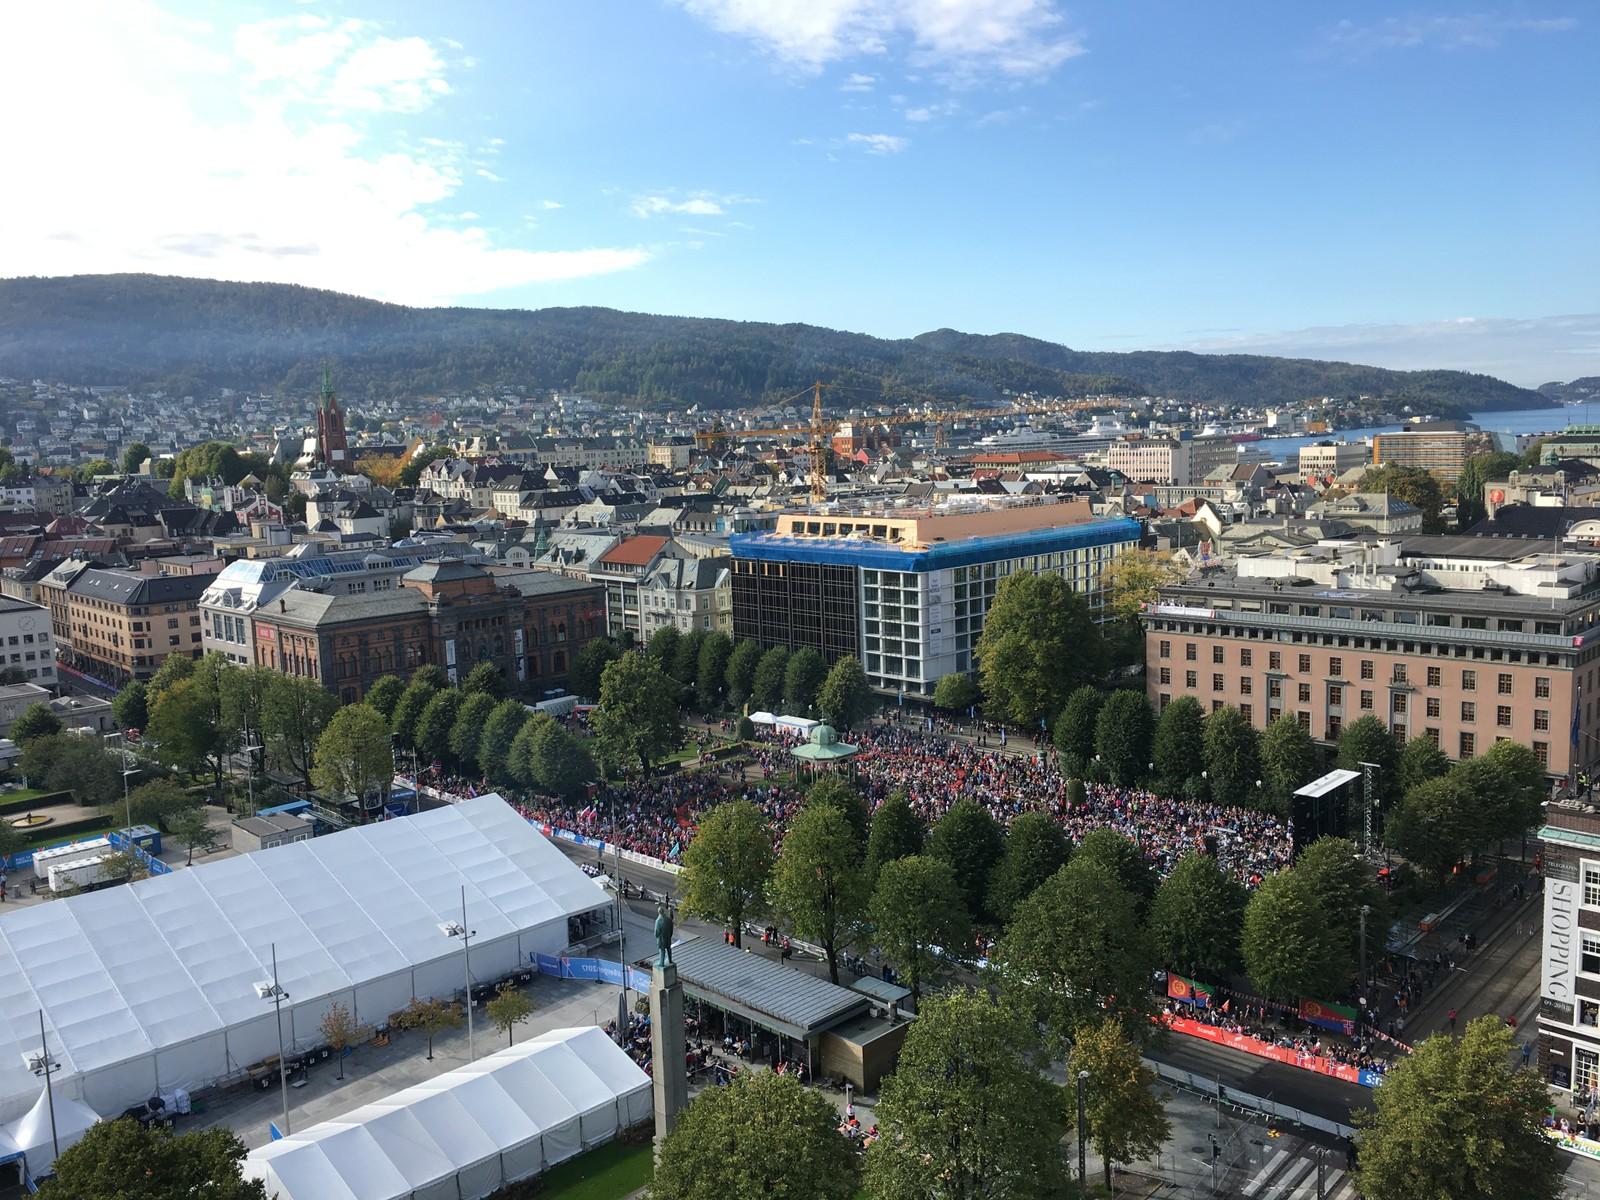 Fra toppen av rådhuset i Bergen.